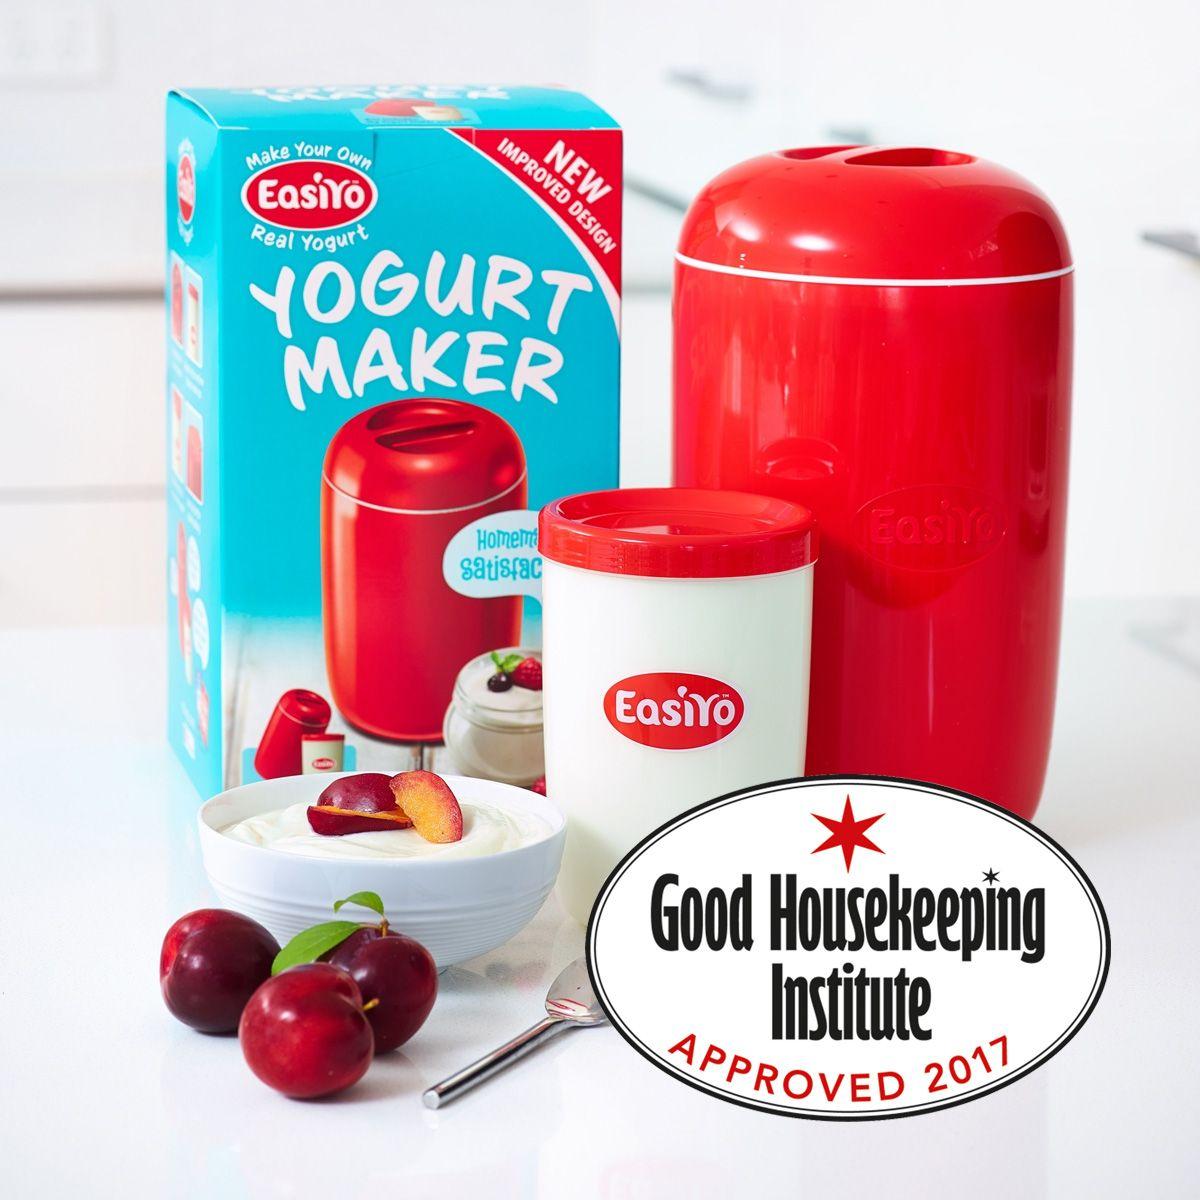 EasiYo Yoghurt Maker 1kg Red